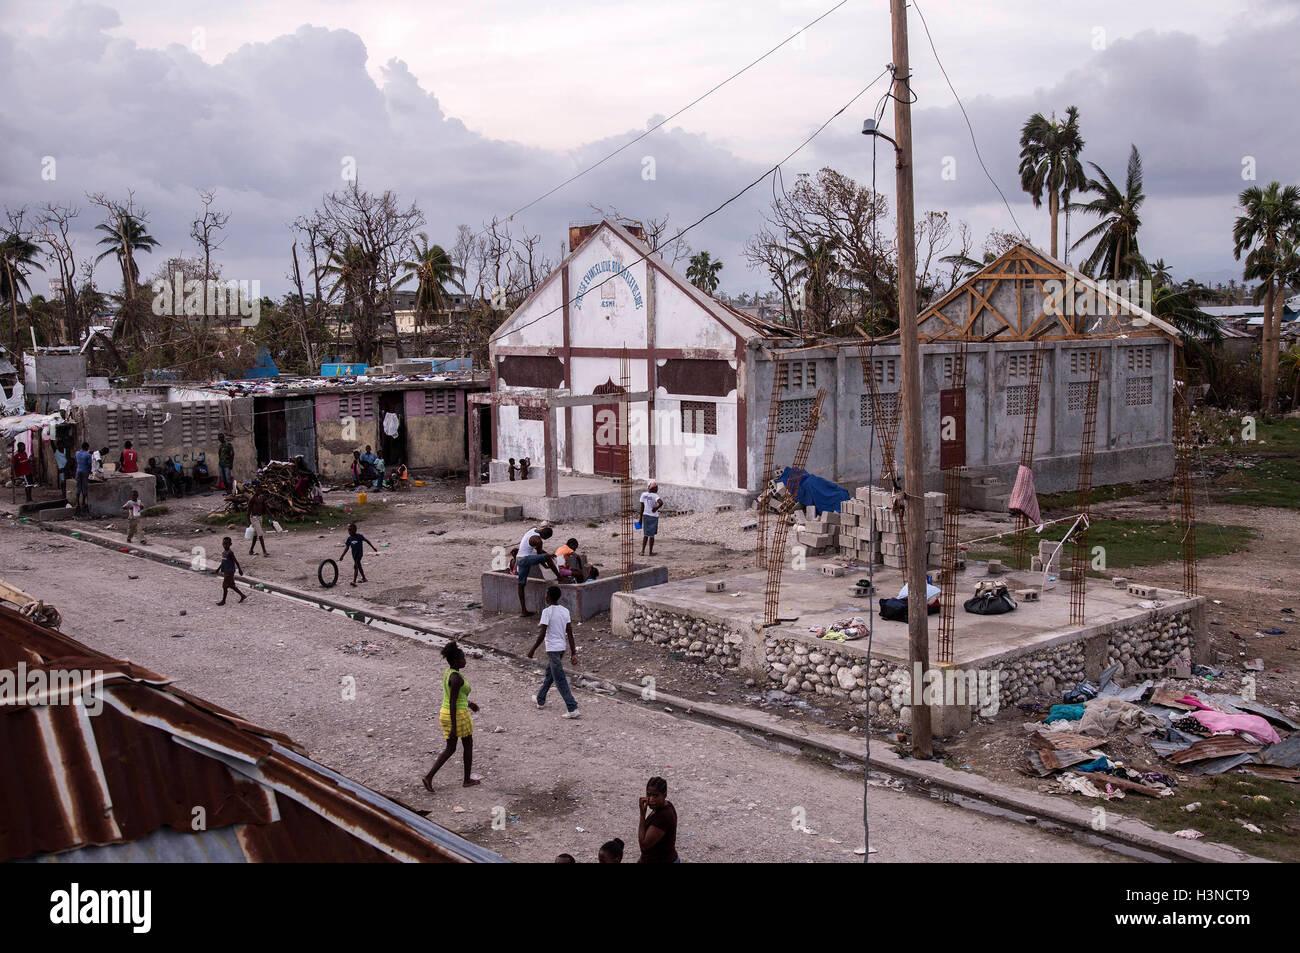 Les Cayes, Haiti. 9 Ott, 2016. Immagine fornita dal Fondo delle Nazioni Unite per l'Infanzia (UNICEF) mostra Immagini Stock